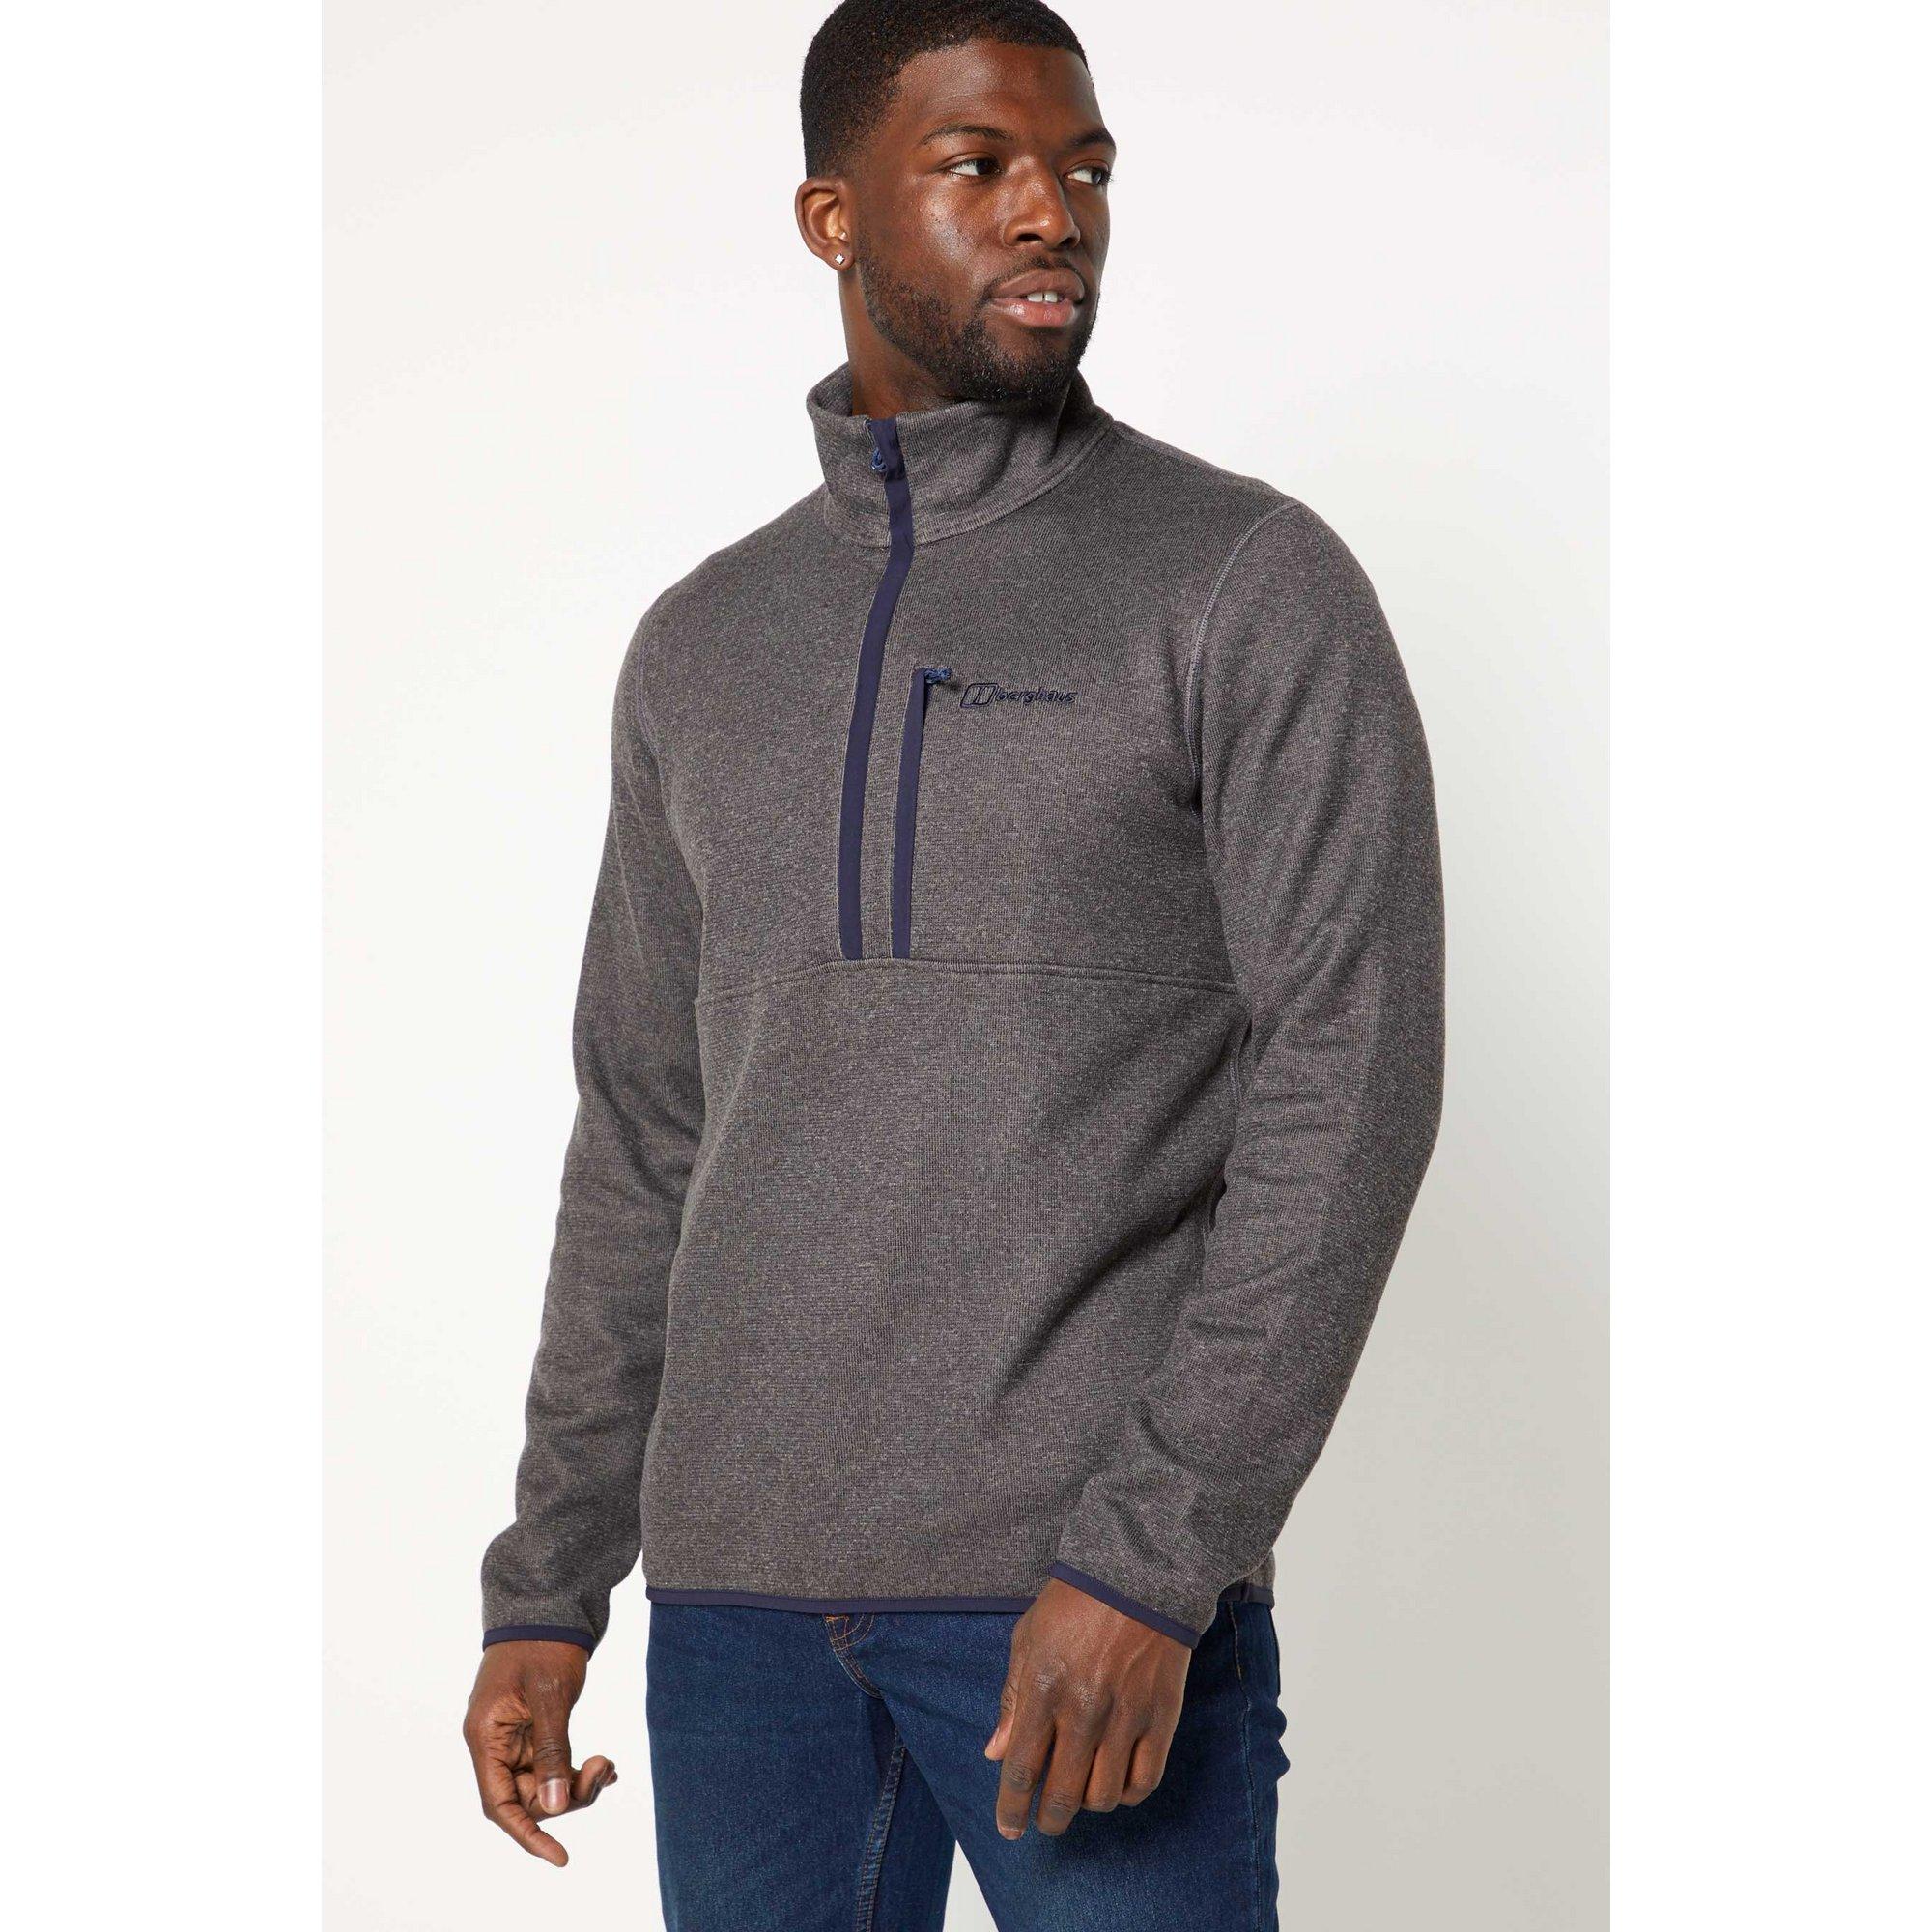 Image of Berghaus 1/2 Zip Grey Jacket